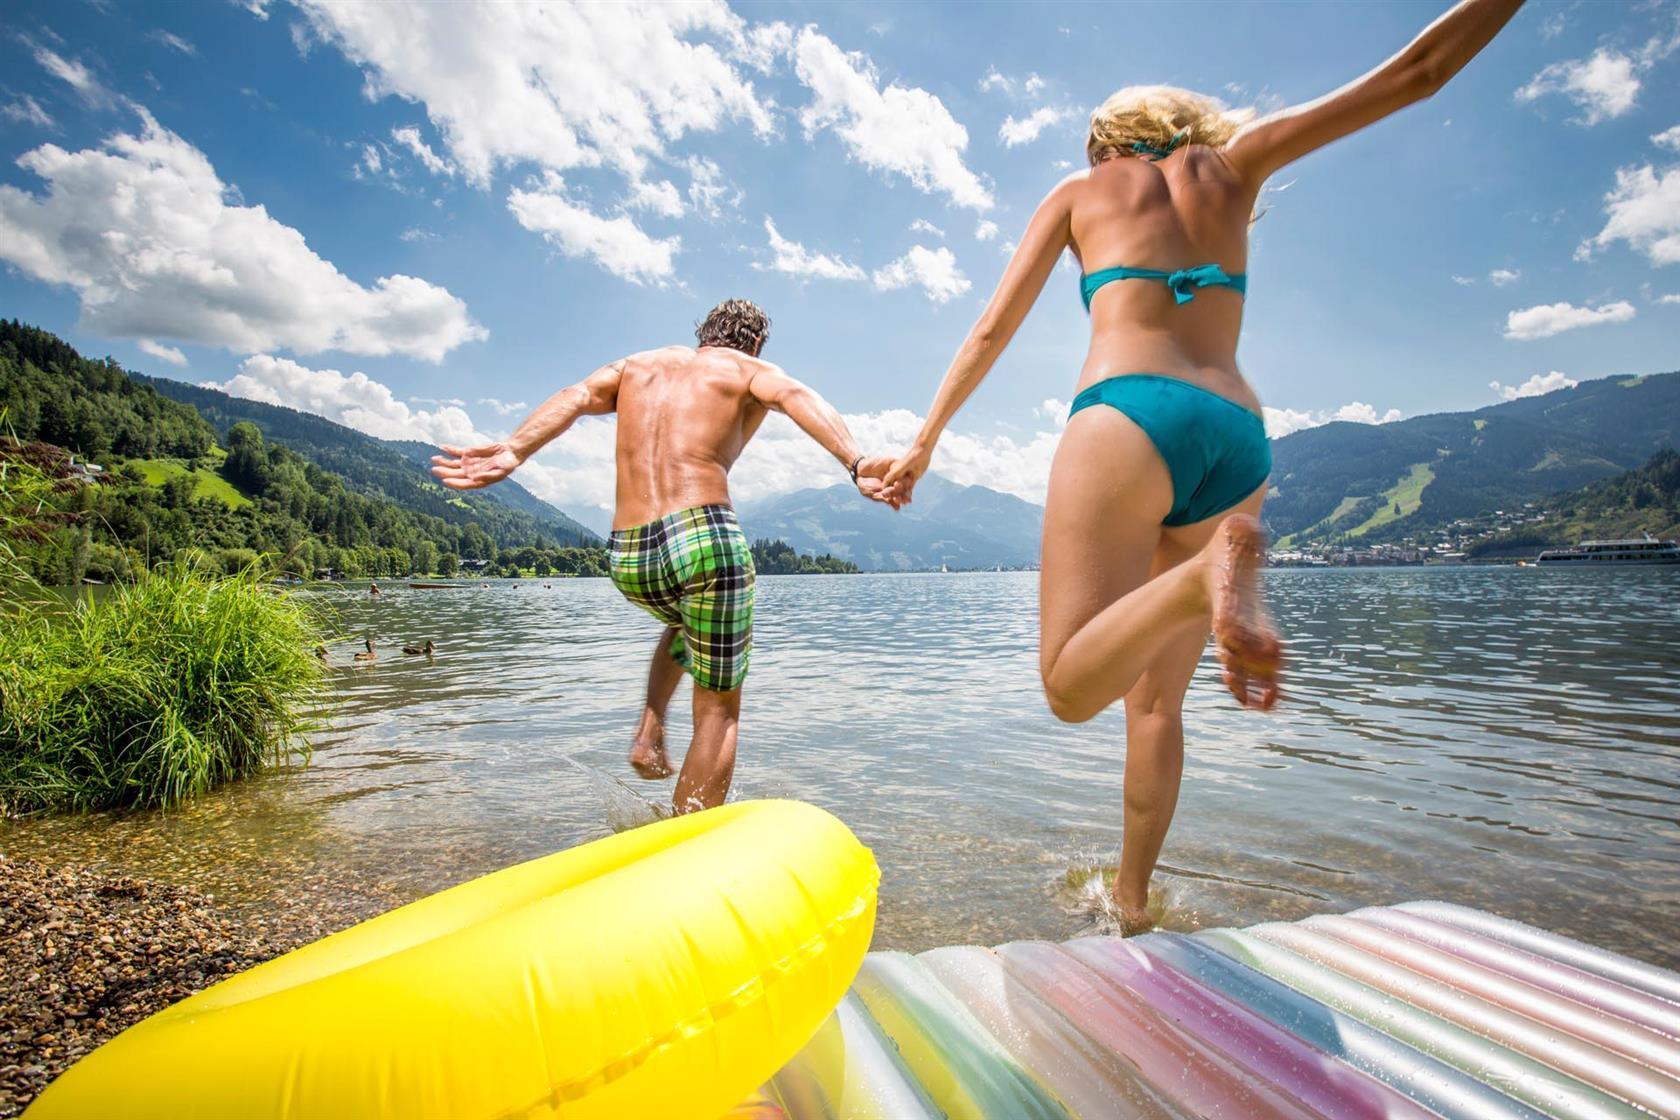 Romantic summer holidays